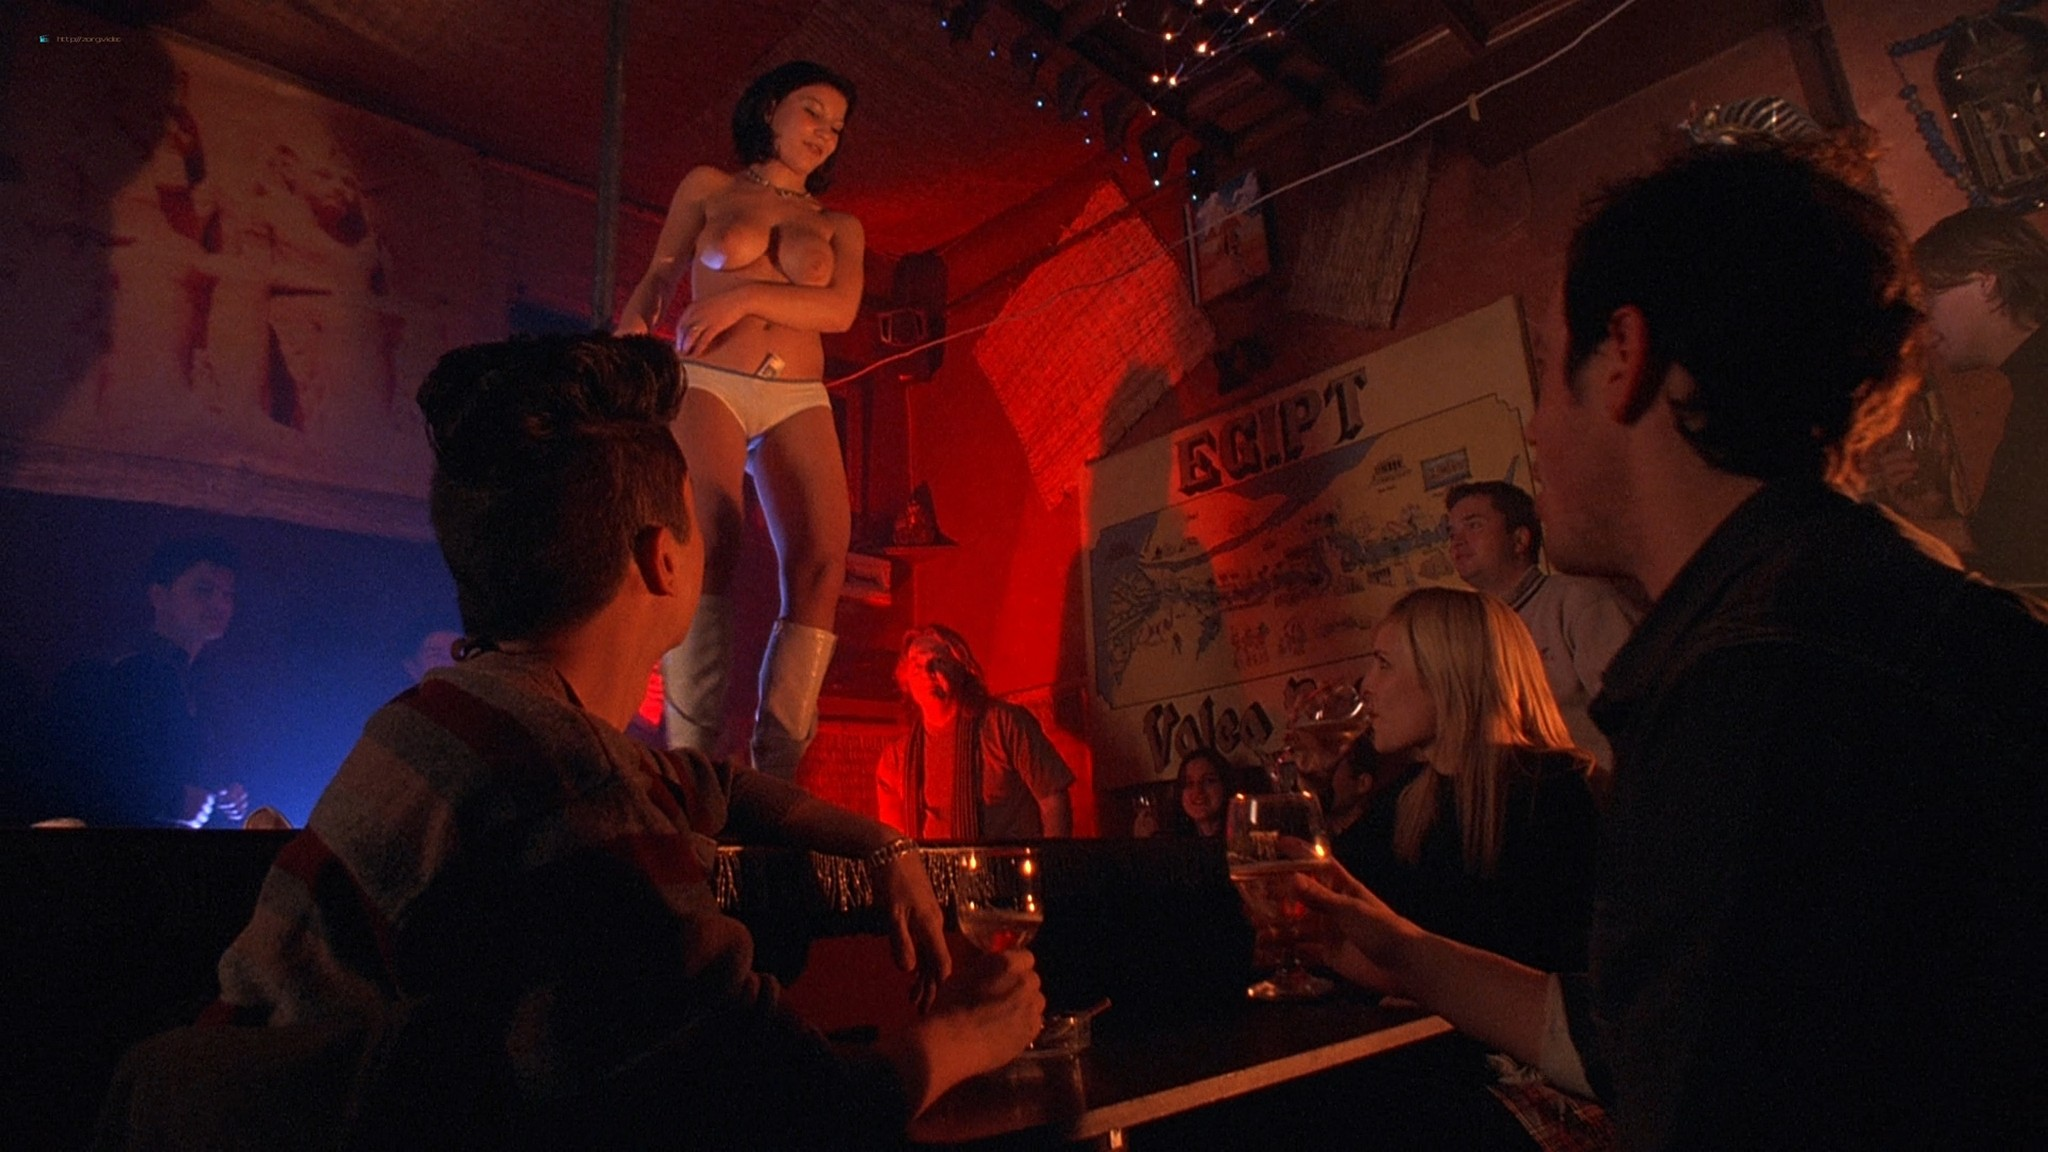 Jennifer Lyons hot Simon Petric, Desiree Malonga and others nude - Transylmania (2009) HD 1080p BluRay (r) (15)